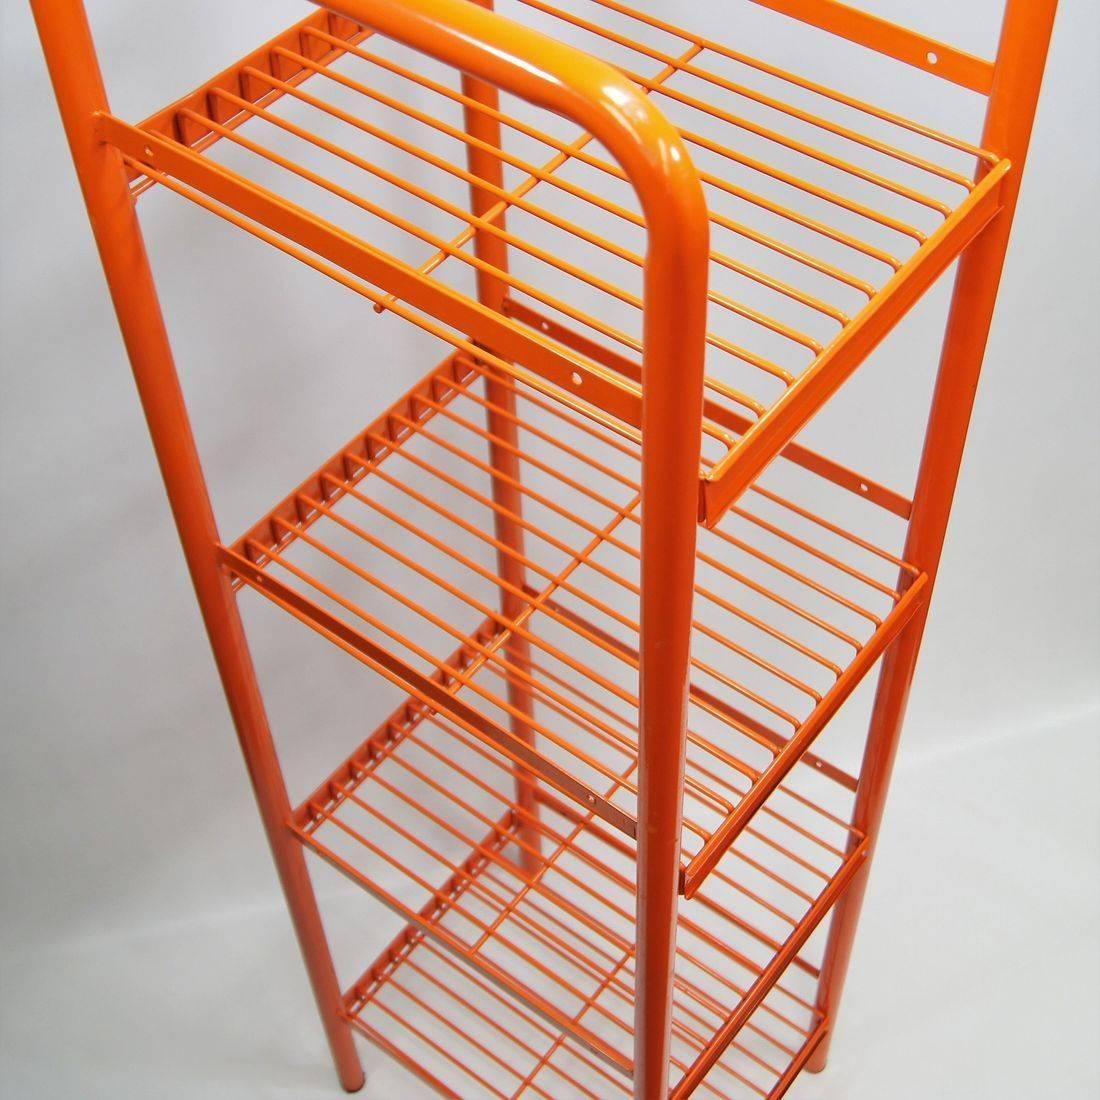 Tube & Wire Floor Display Rack